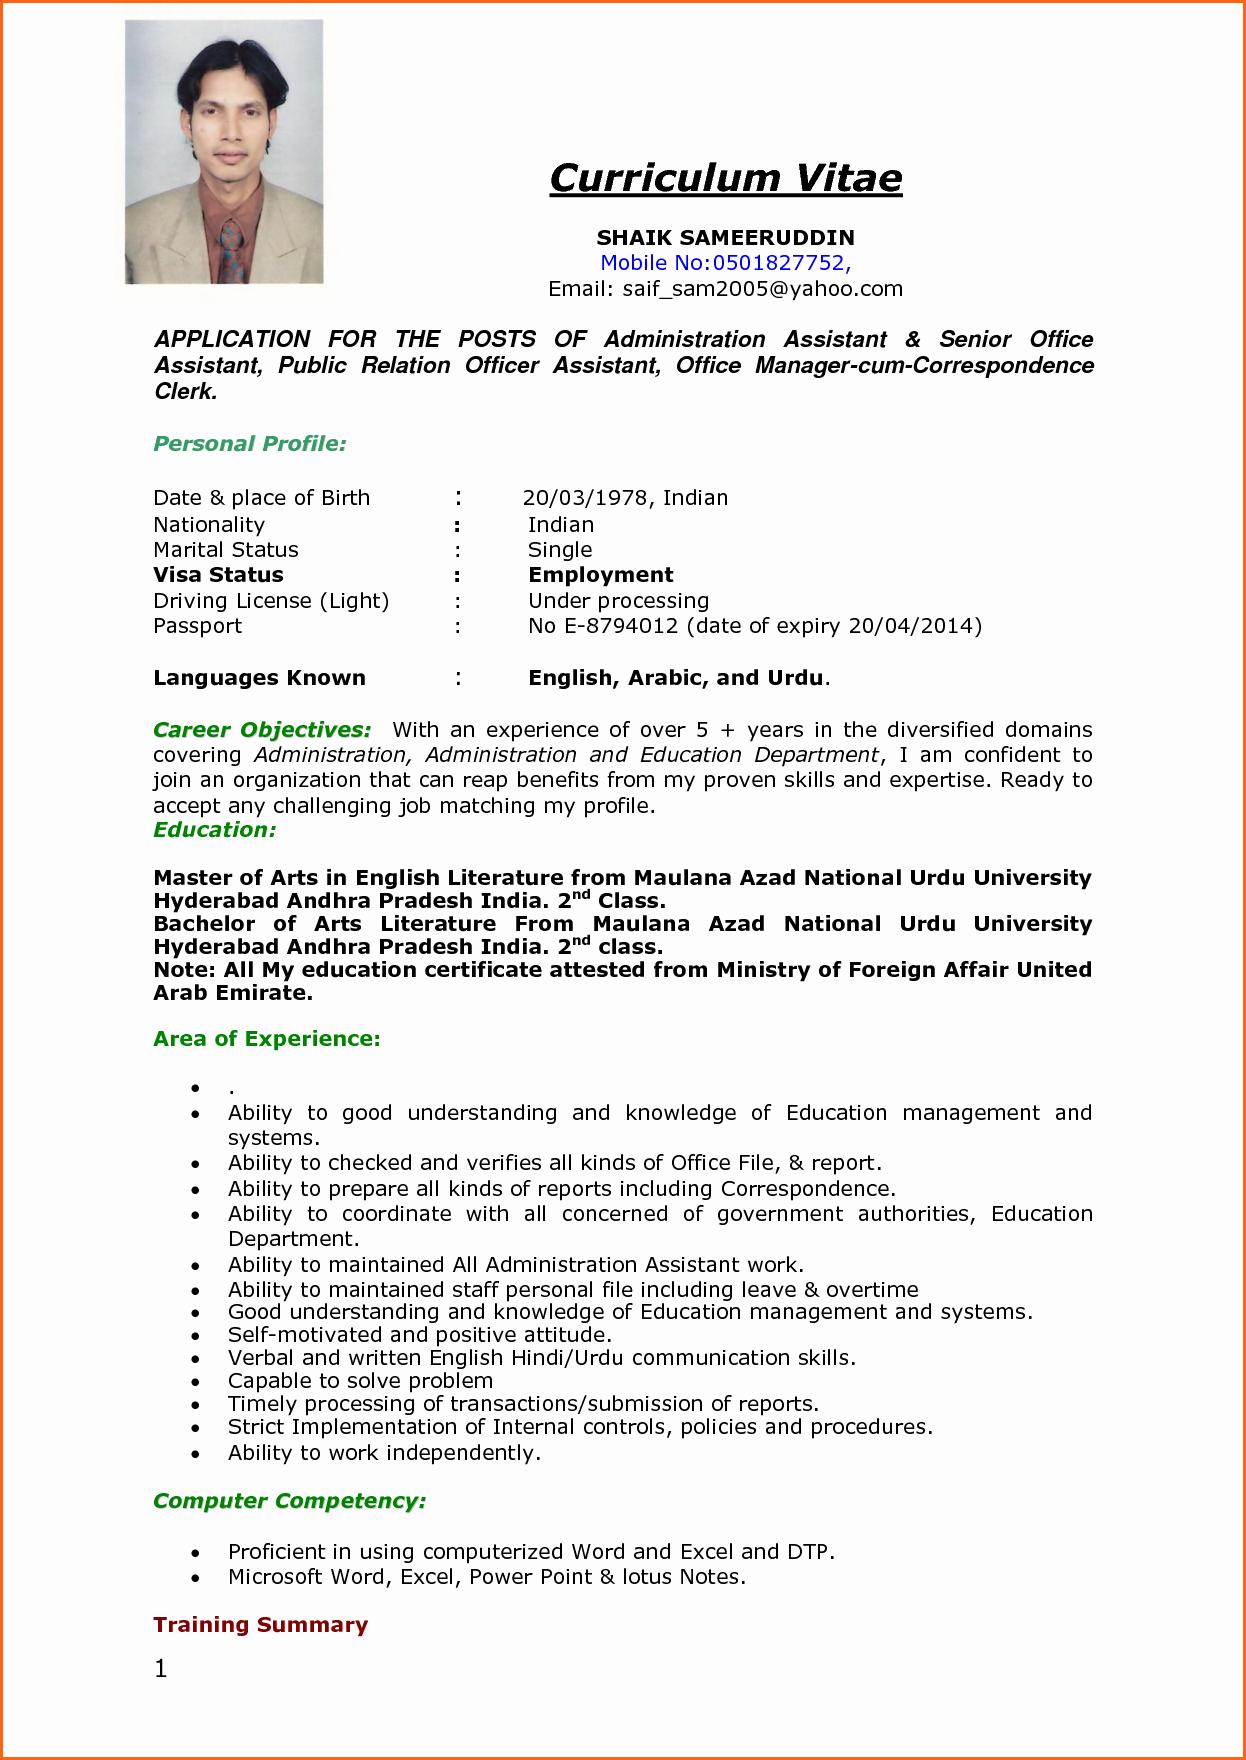 Sample Of Curriculum Vitae format Best Of 7 Curriculum Vitae format for Job Application Bud